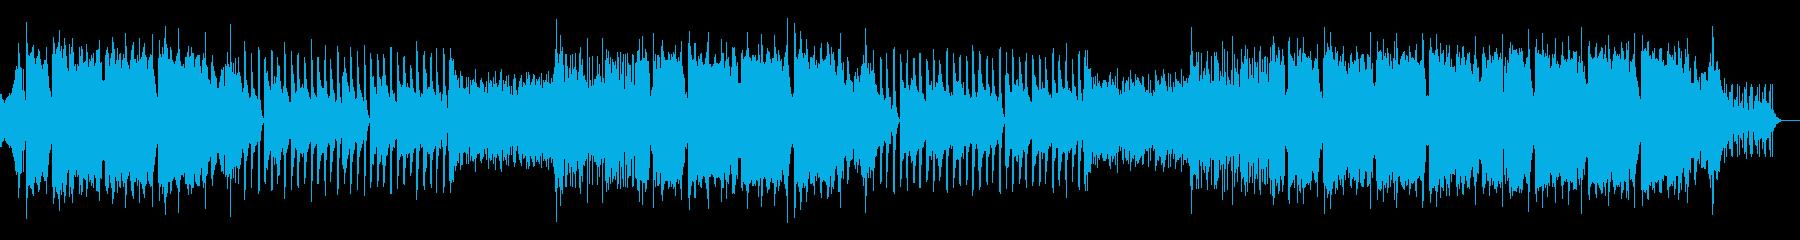 ダブステップ・透明感・美しいエンディングの再生済みの波形